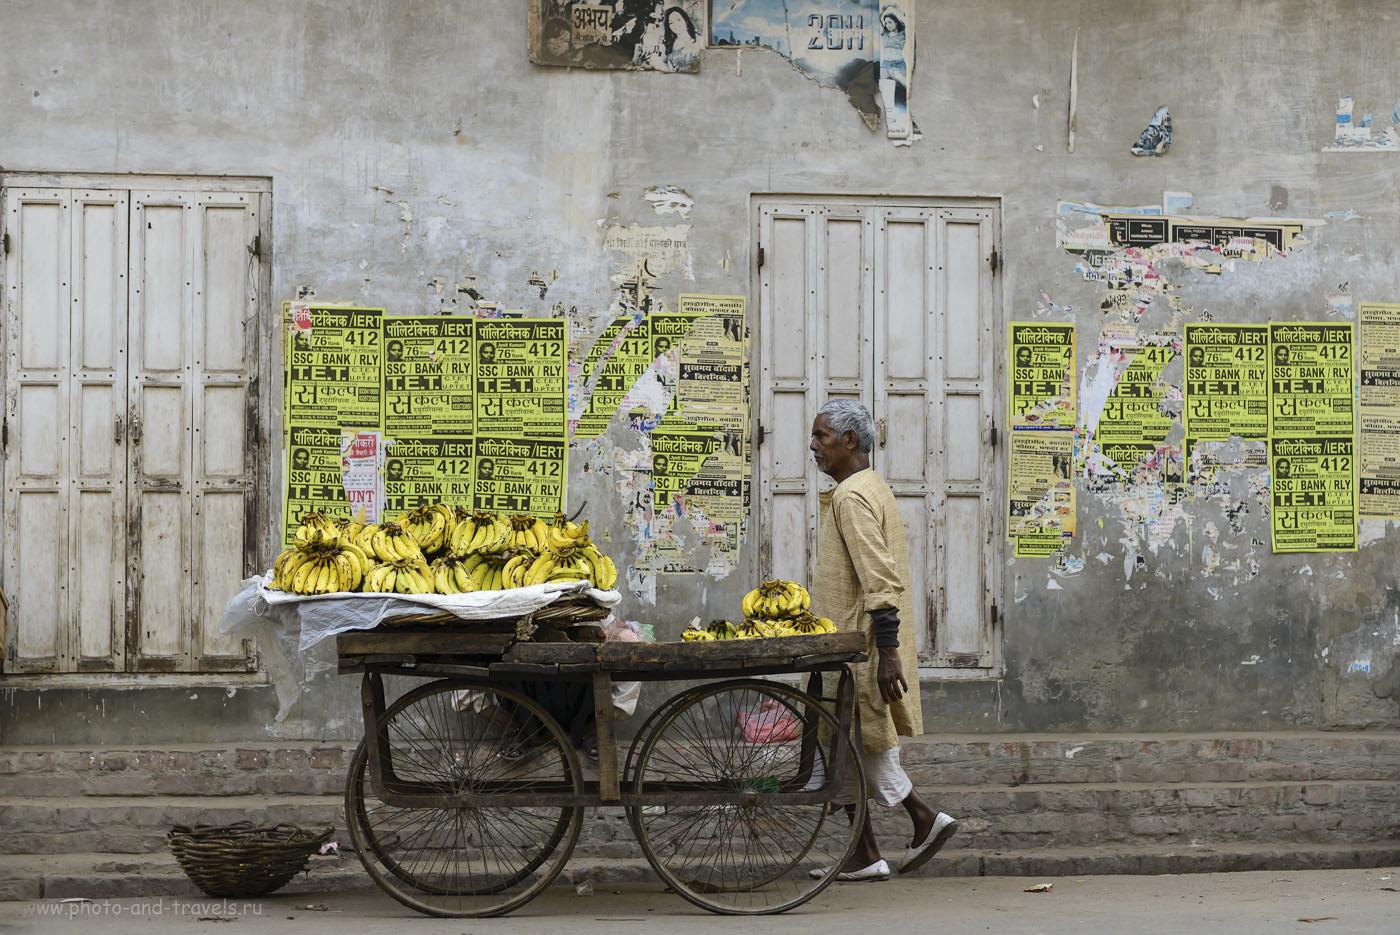 Фотография 15. Продавец бананов на улице в Варанаси. 1/1000, 2.8, 250, 60.